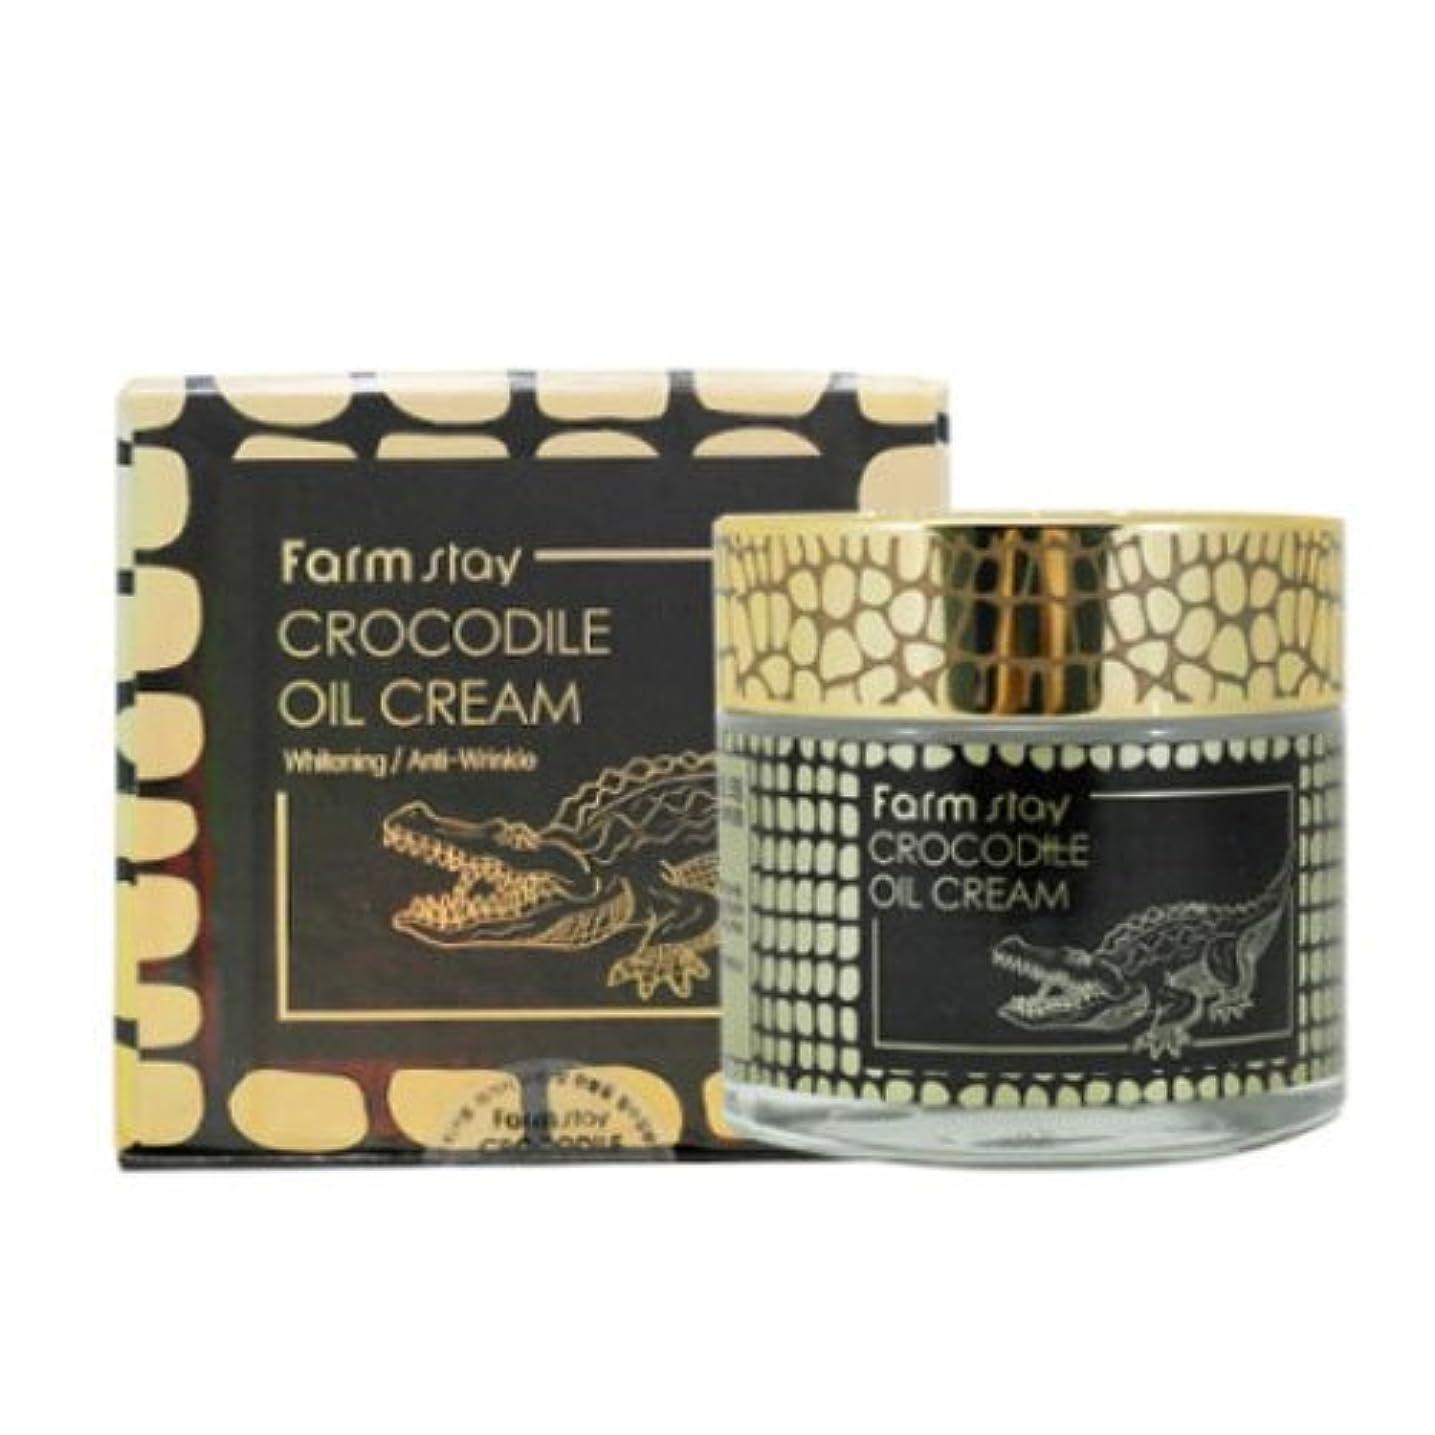 抑止する脳滑るファームステイ[韓国コスメFarm Stay]Crocodile Oil Cream ワニオイルクリーム70g しわ管理 美白[並行輸入品]